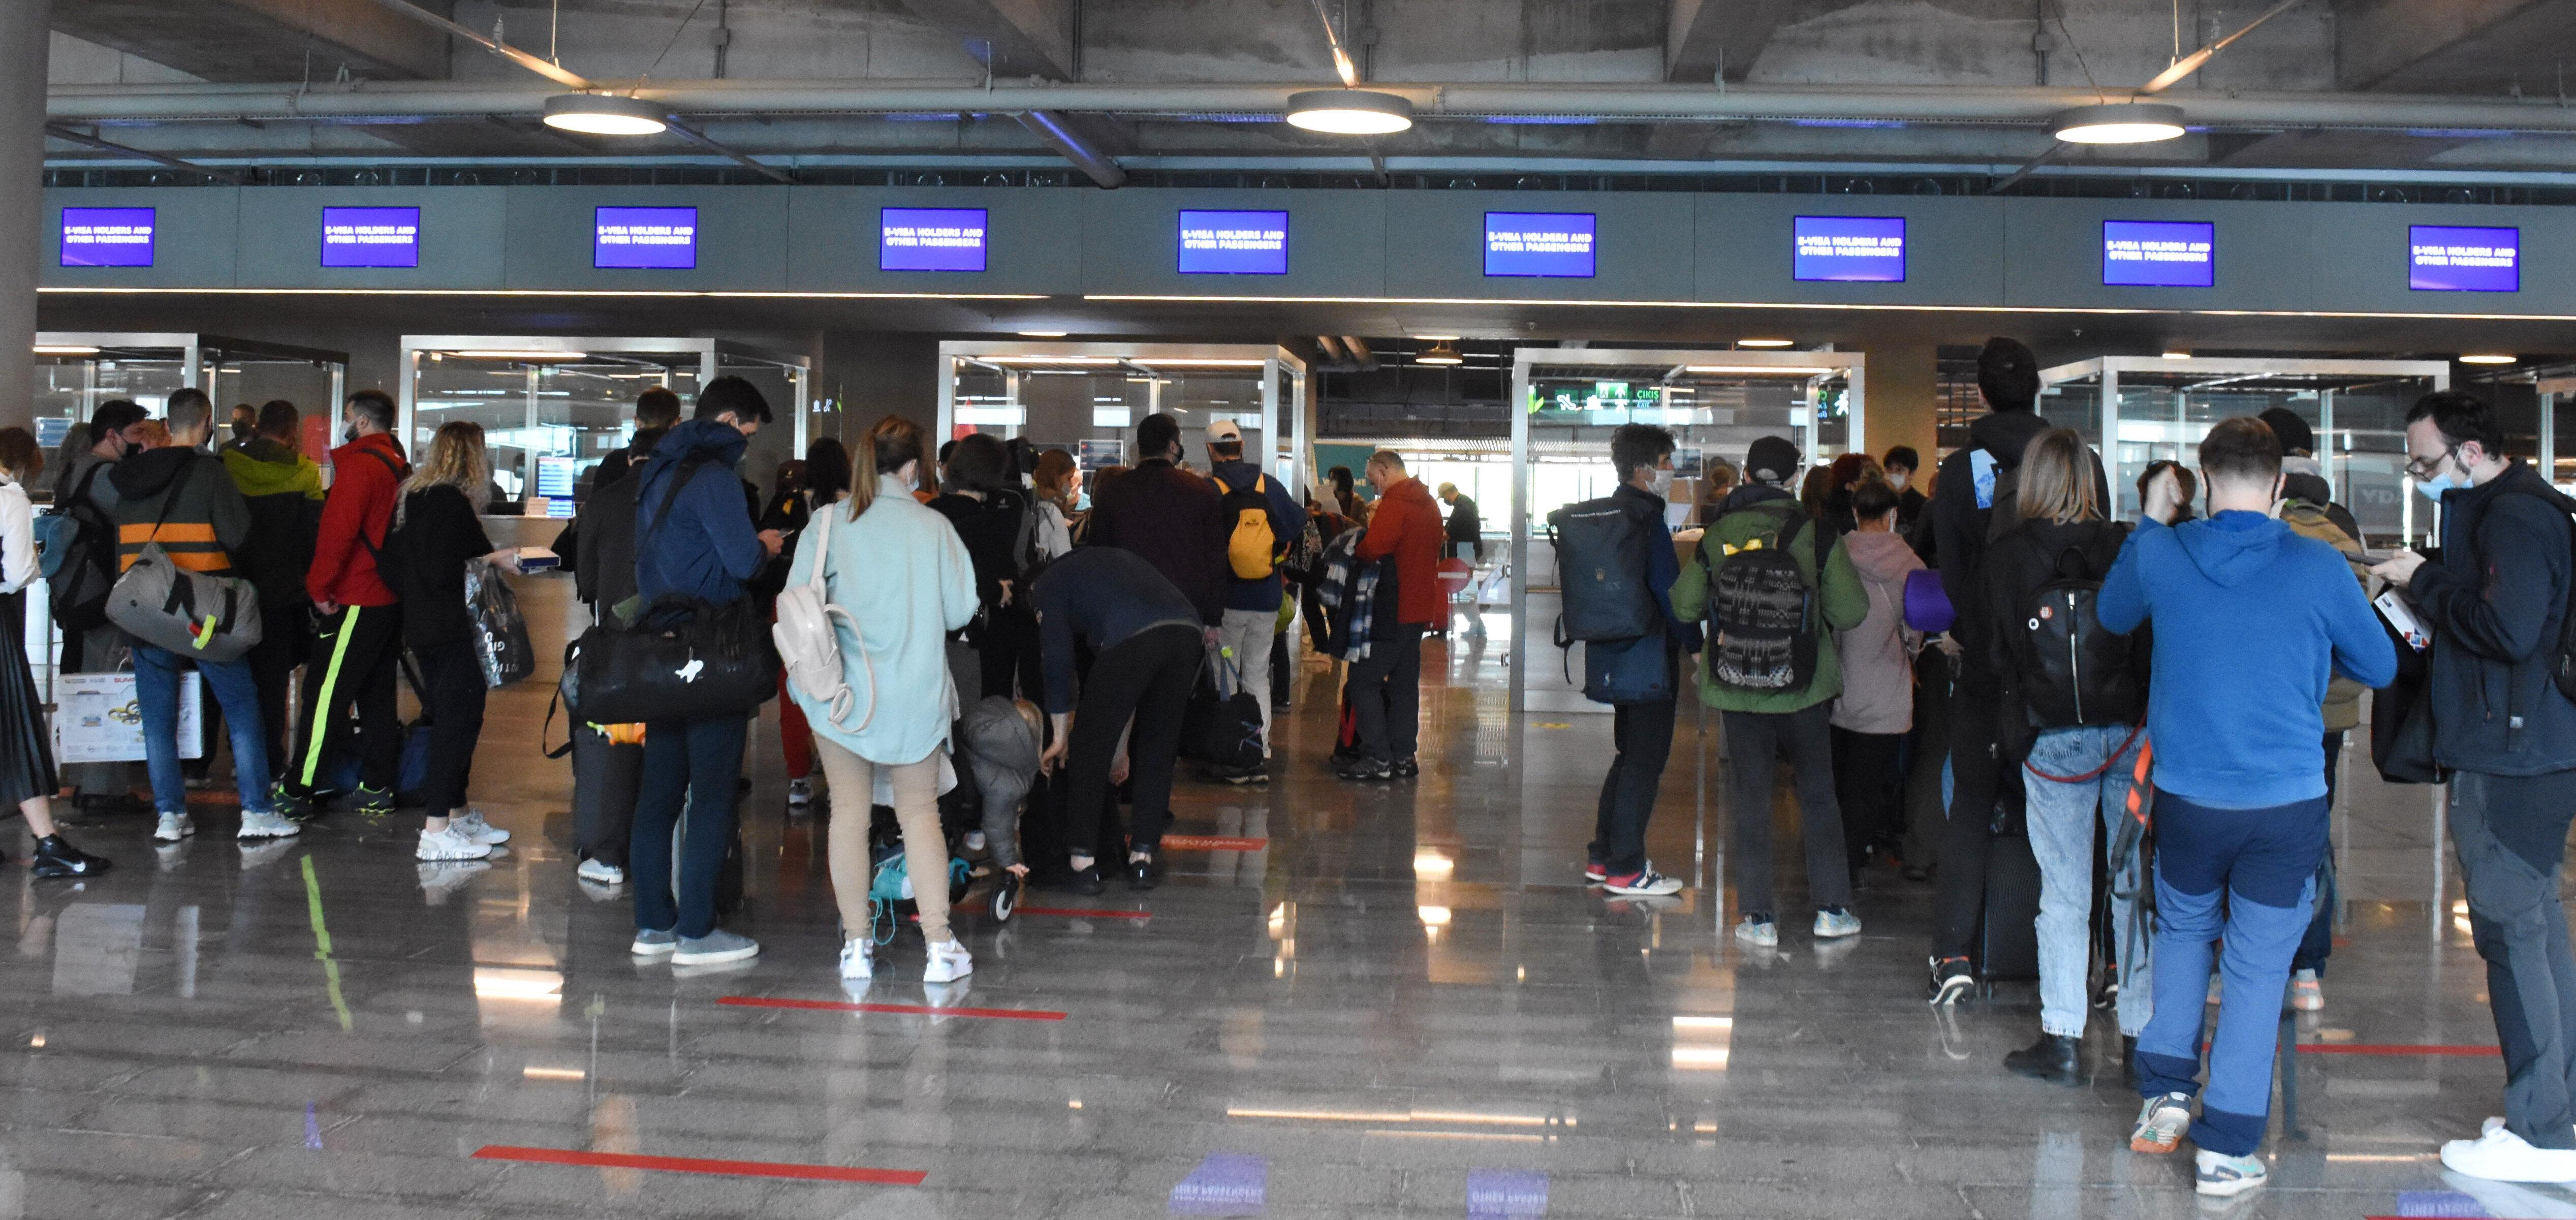 Muğla'da turistik tesisler ve havalimanları misafirlerini ağırlamaya başladı.